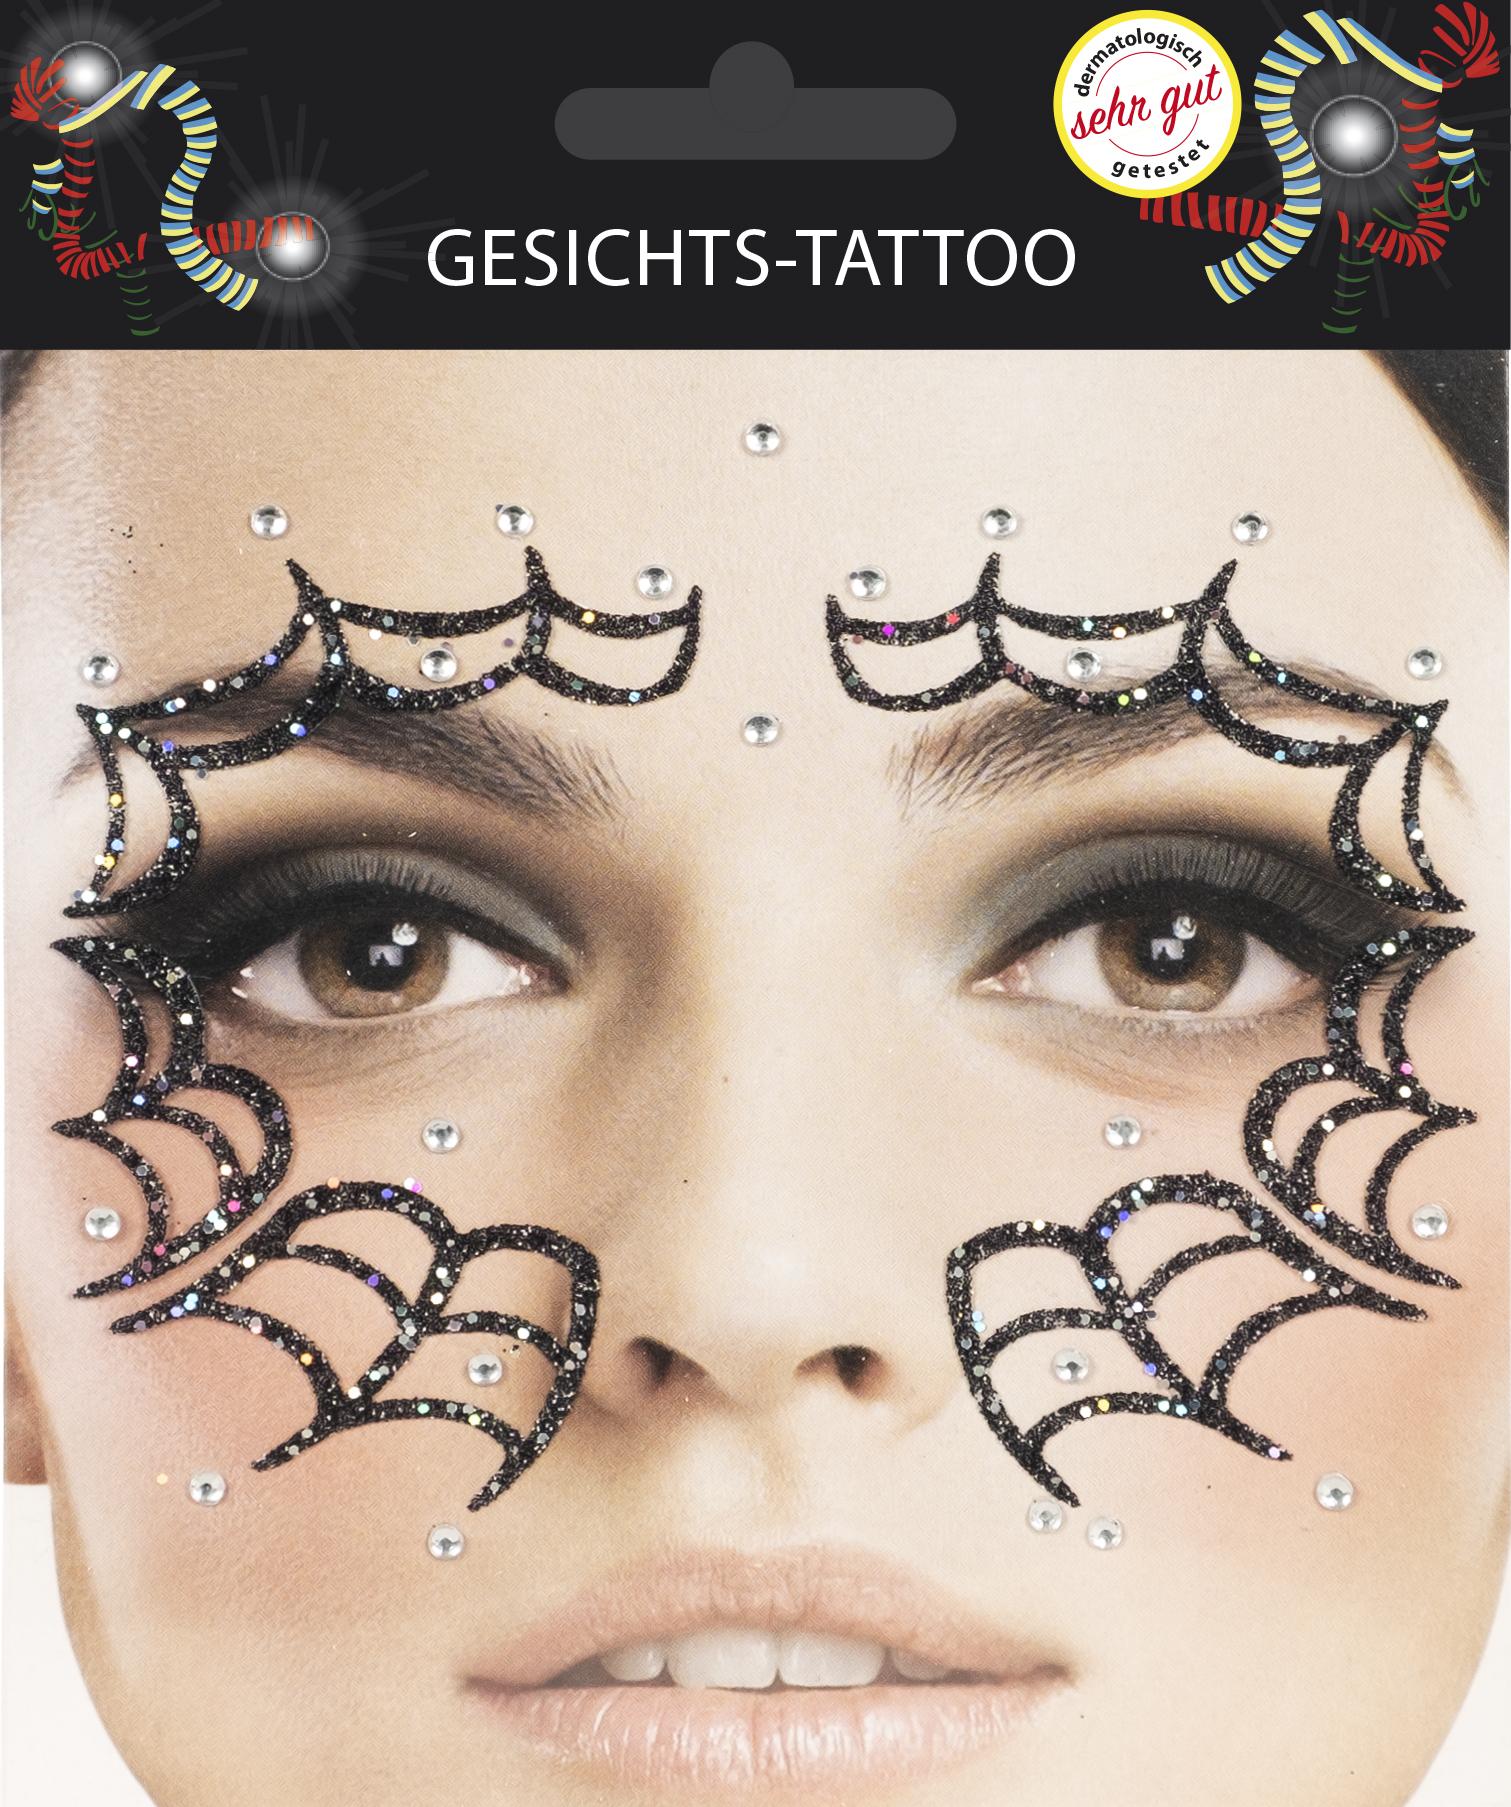 Gesichts-Tattoo Halloween Spinnennetz